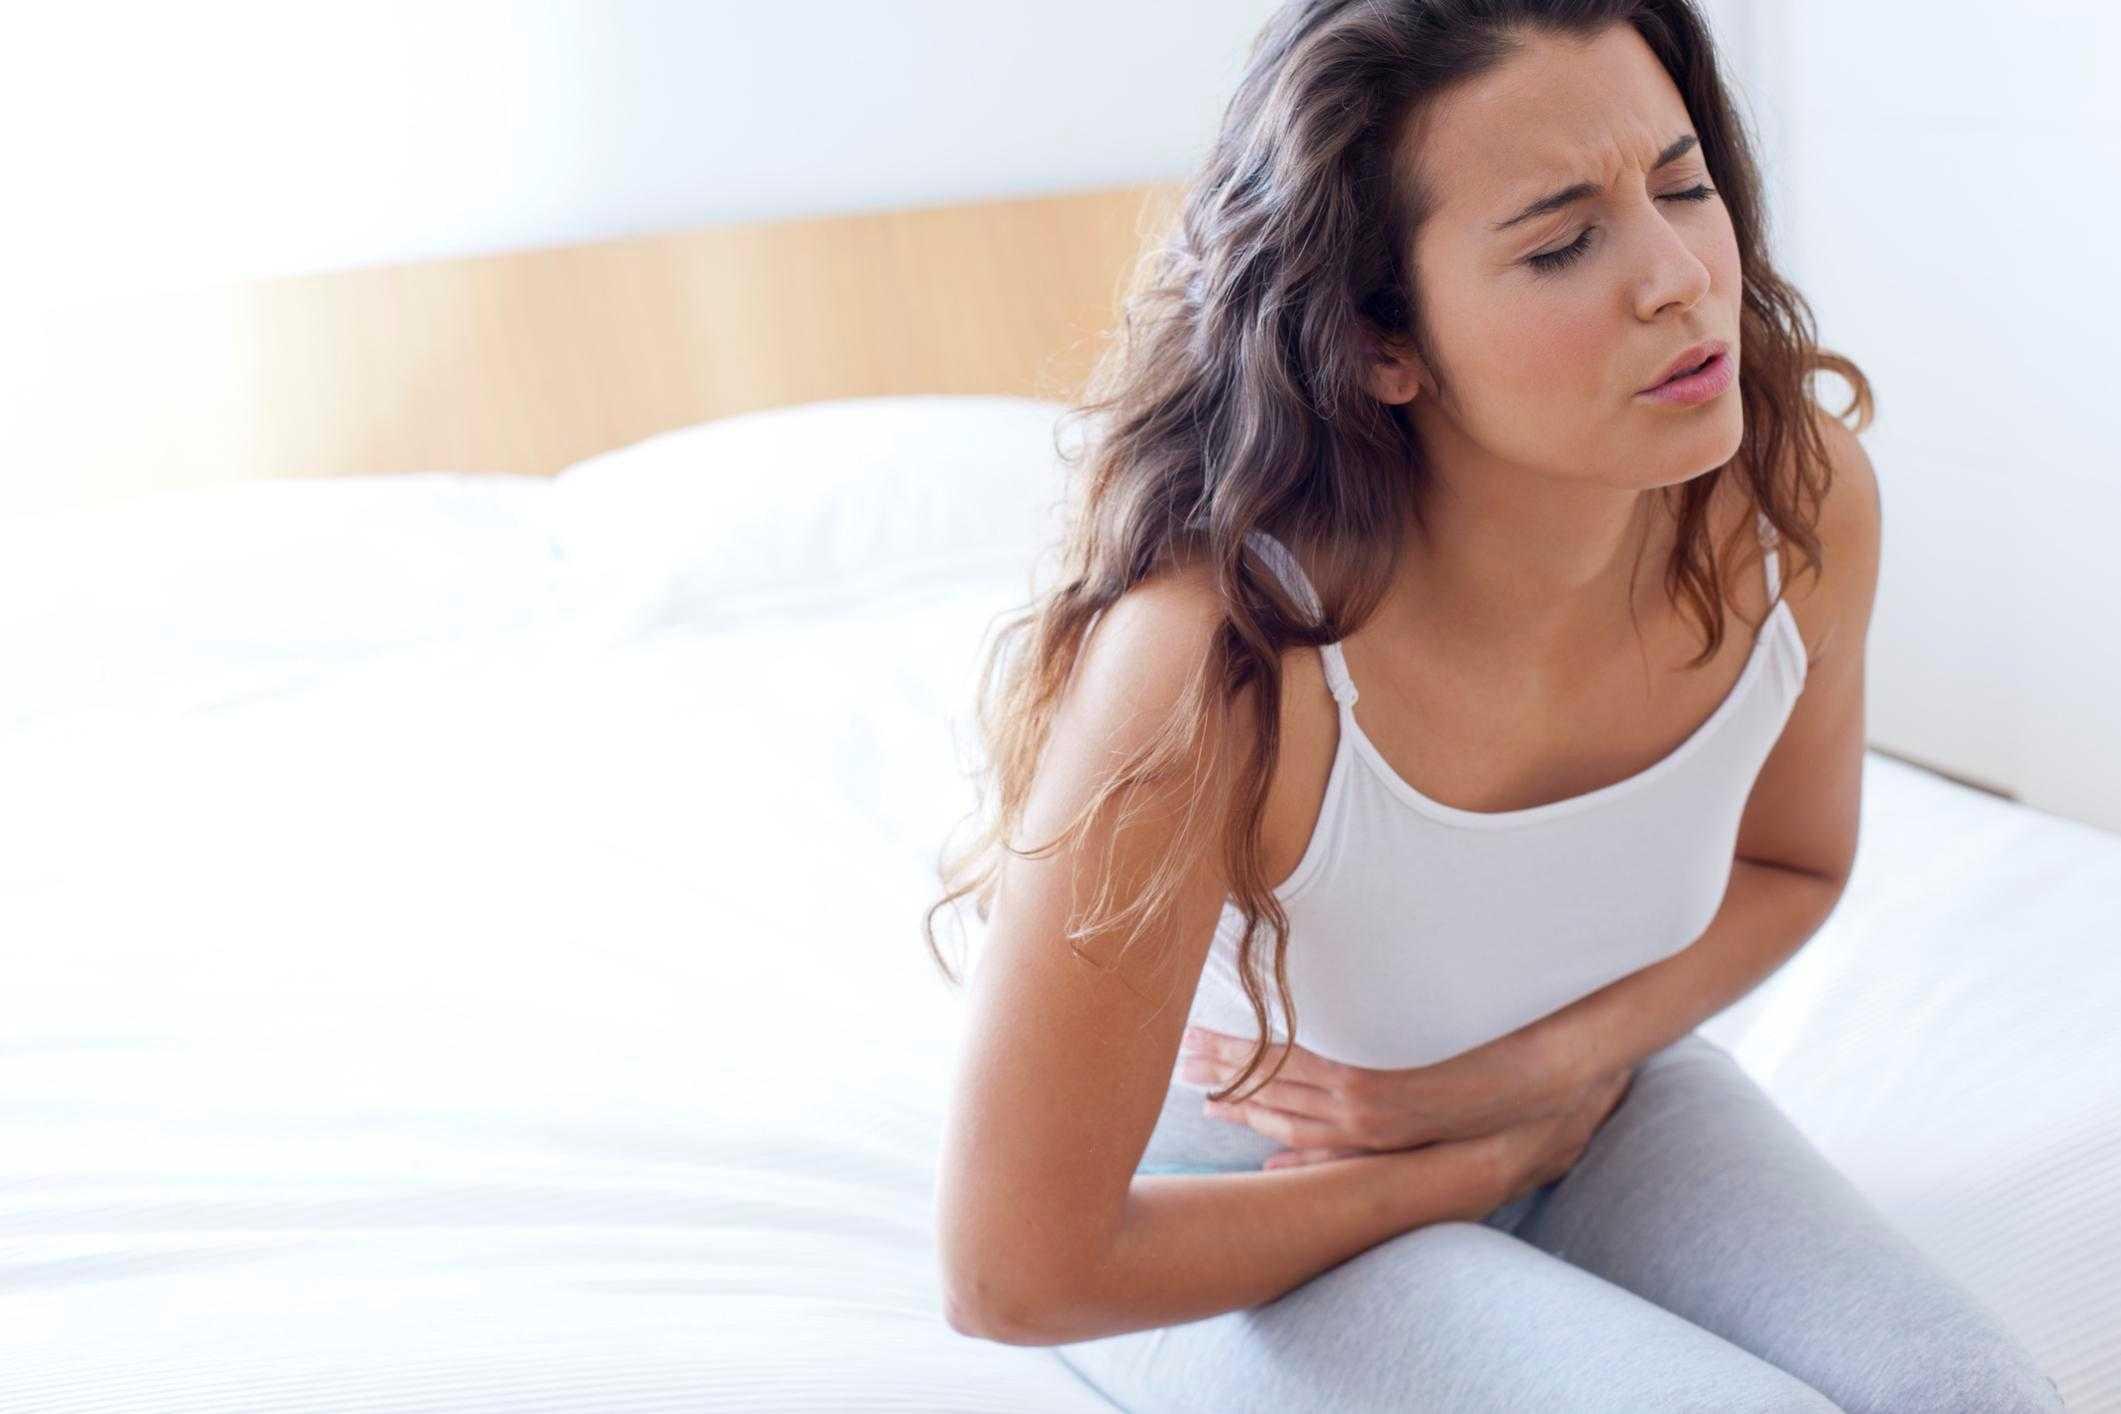 PMDD ảnh hưởng tới cuộc sống nhiều hơn PMS